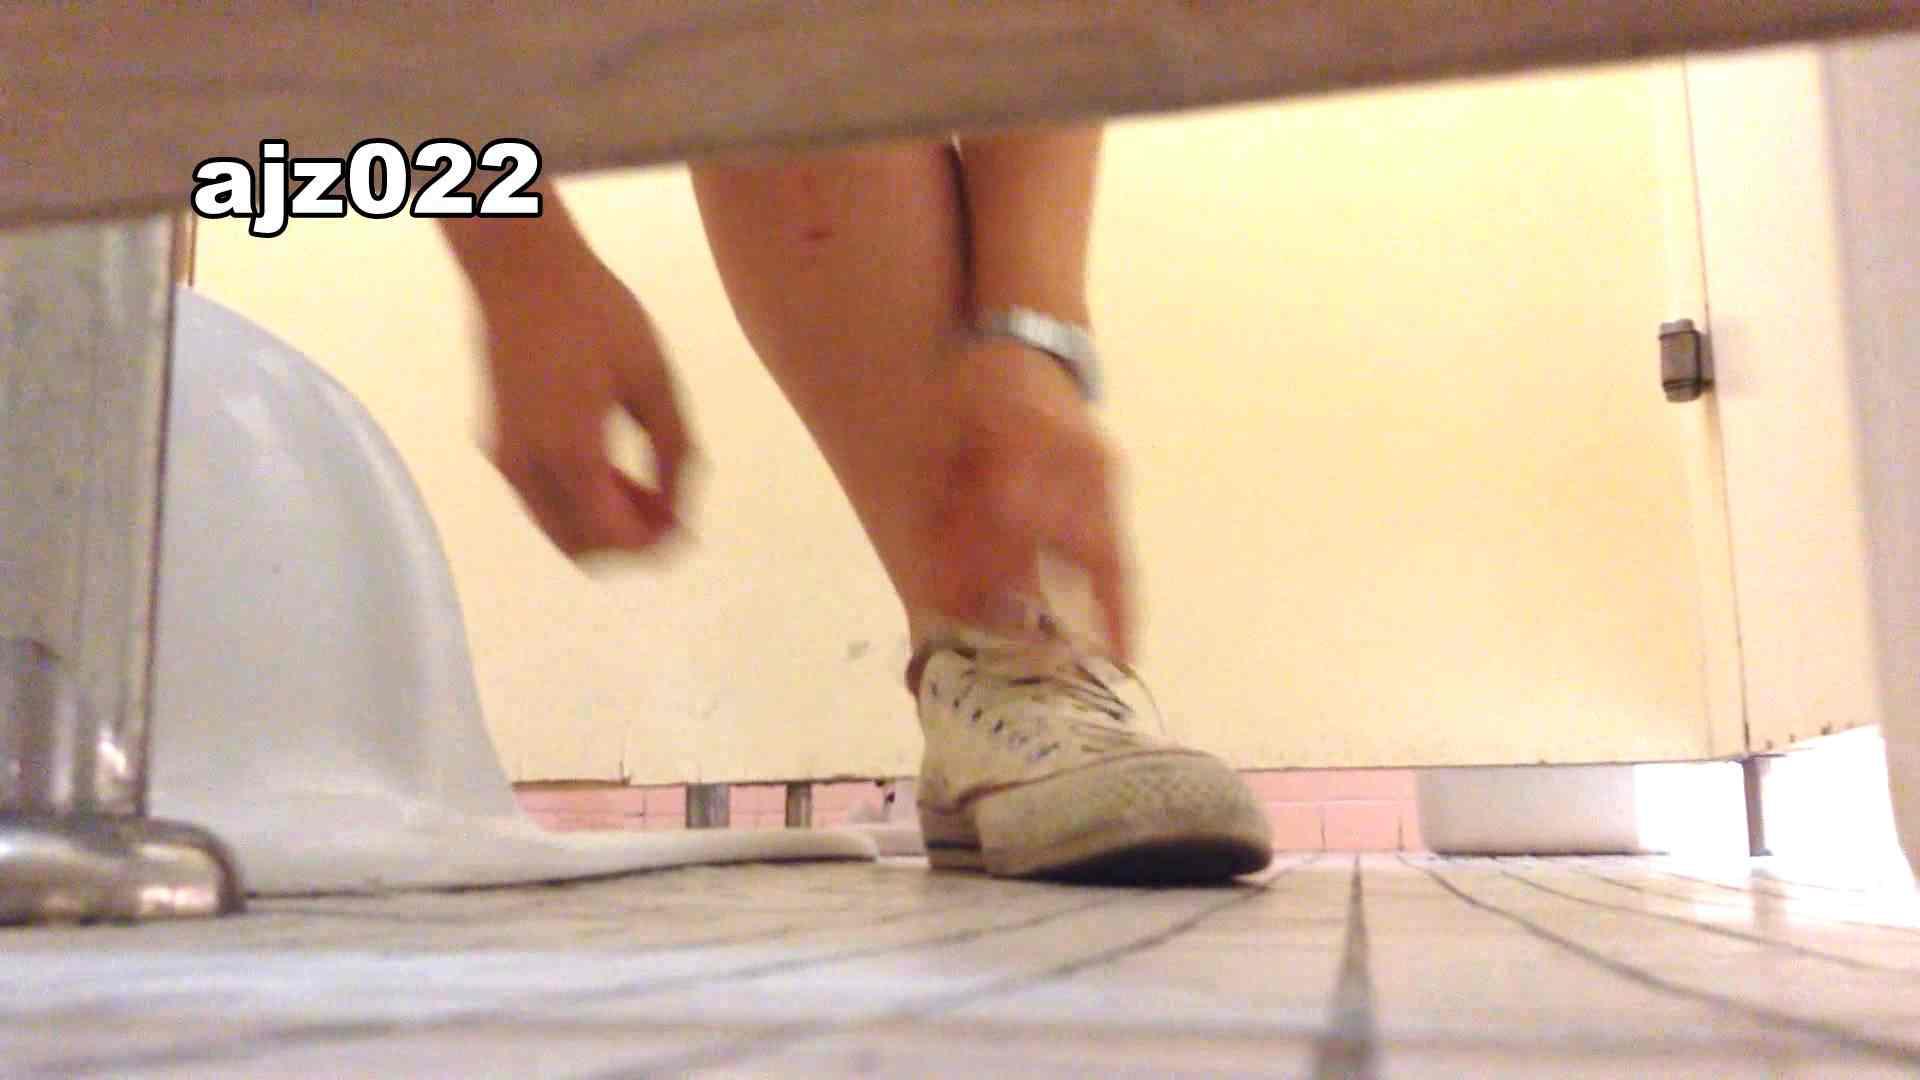 某有名大学女性洗面所 vol.22 和式トイレ ワレメ無修正動画無料 107pic 7